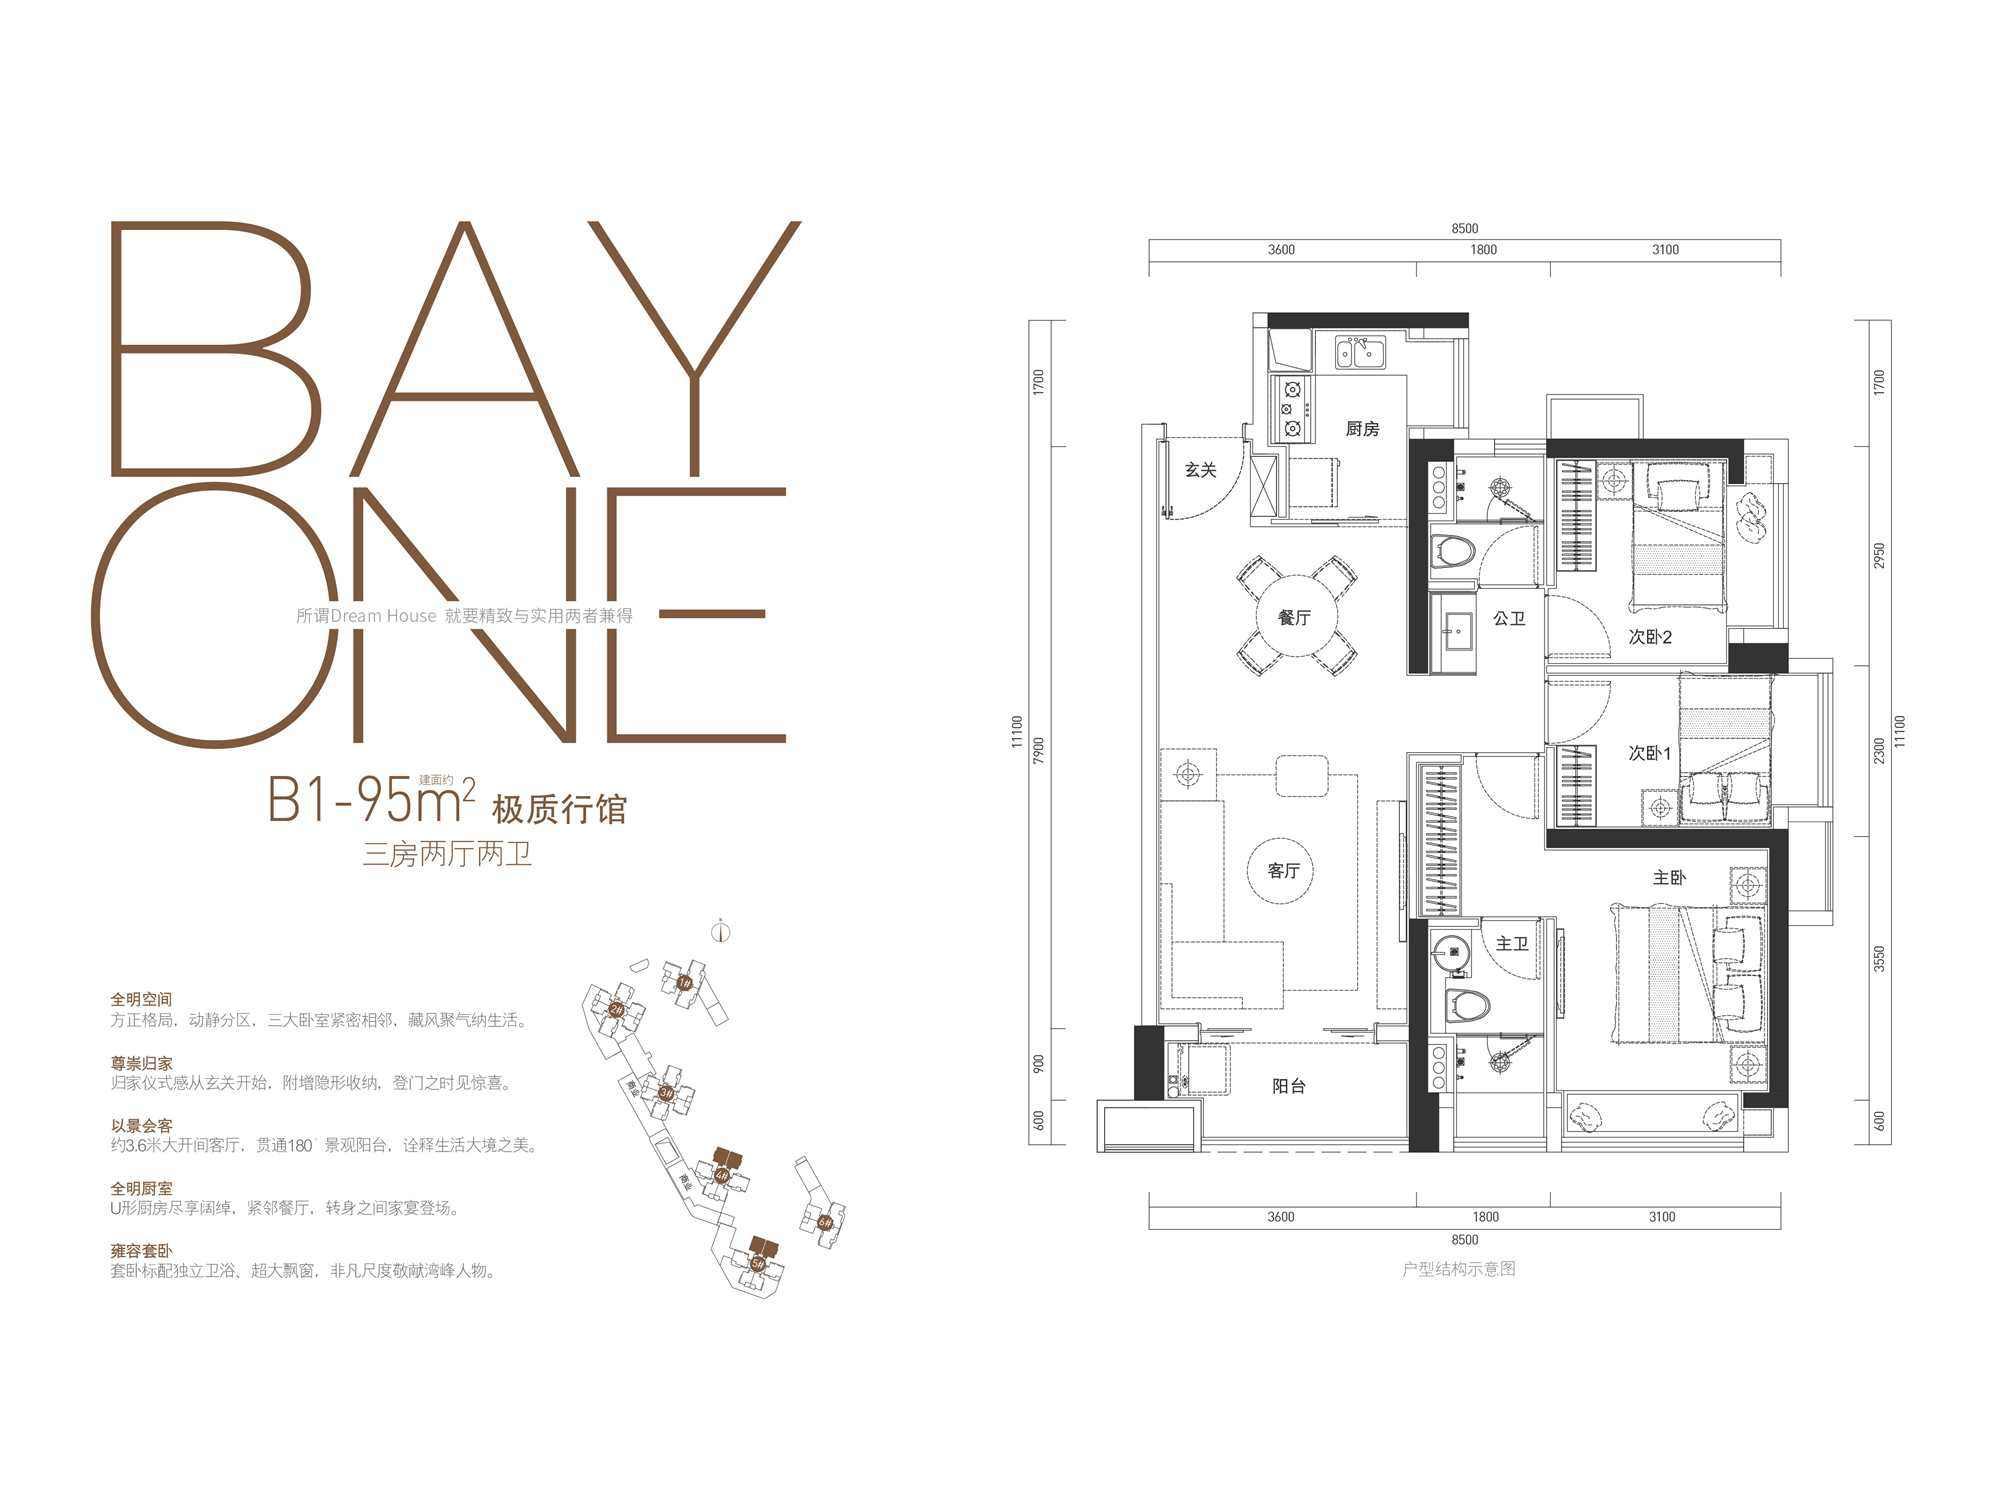 双瑞藏珑湾B1户型3房2厅2卫建筑面积95㎡